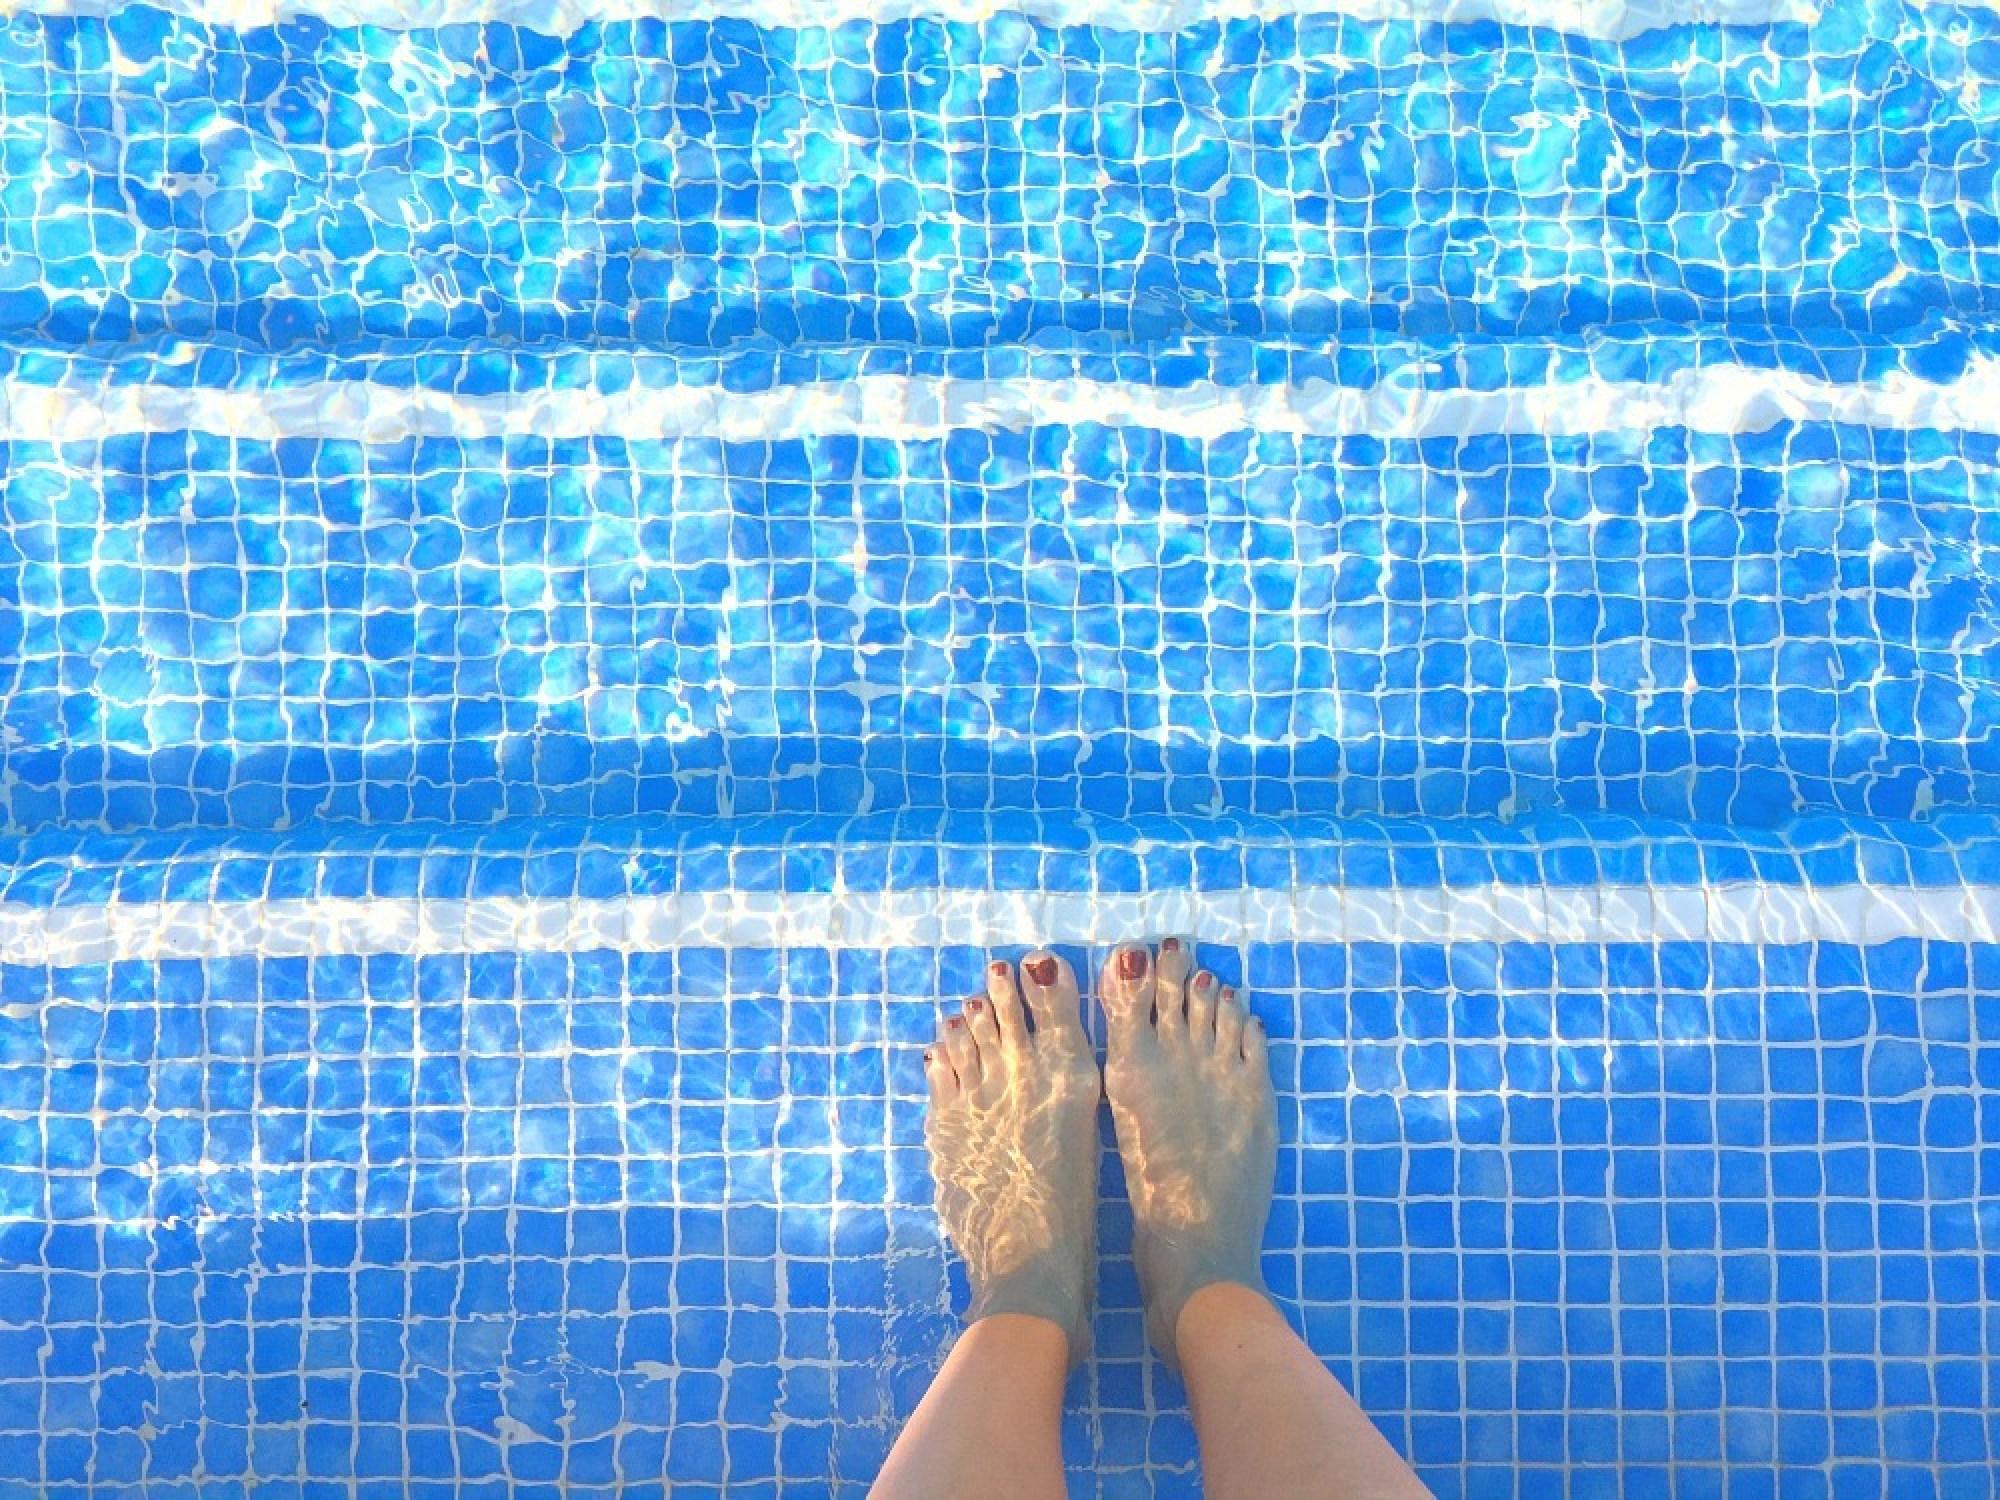 my foot in pool water